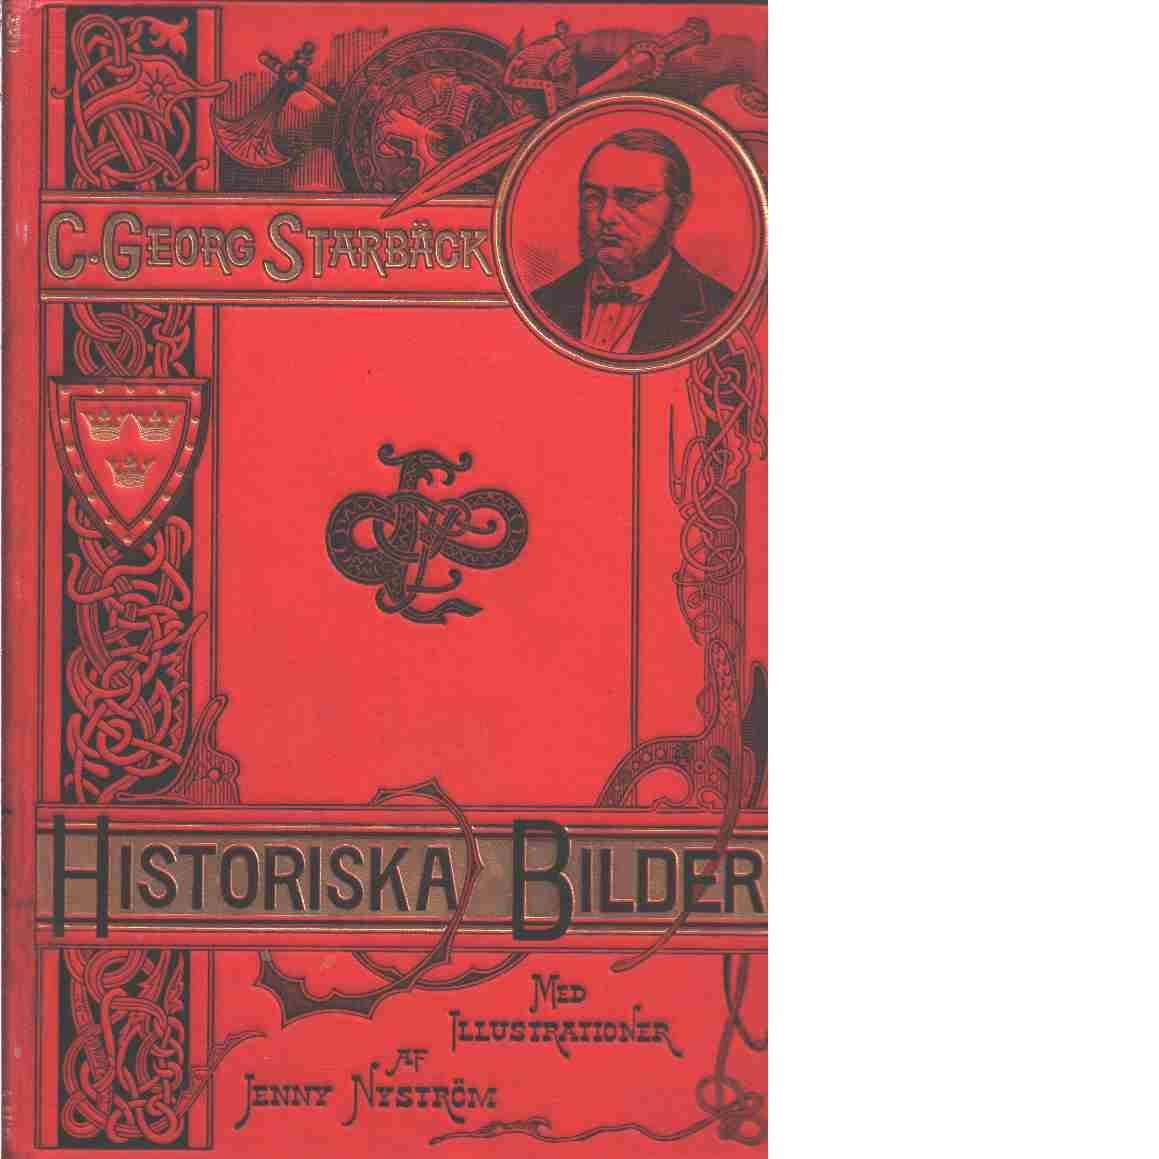 Historiska bilder / tecknade af C. Georg Starbäck ; illustrerade af Jenny Nyström-Stoopendaal  - Starbäck, Carl Georg